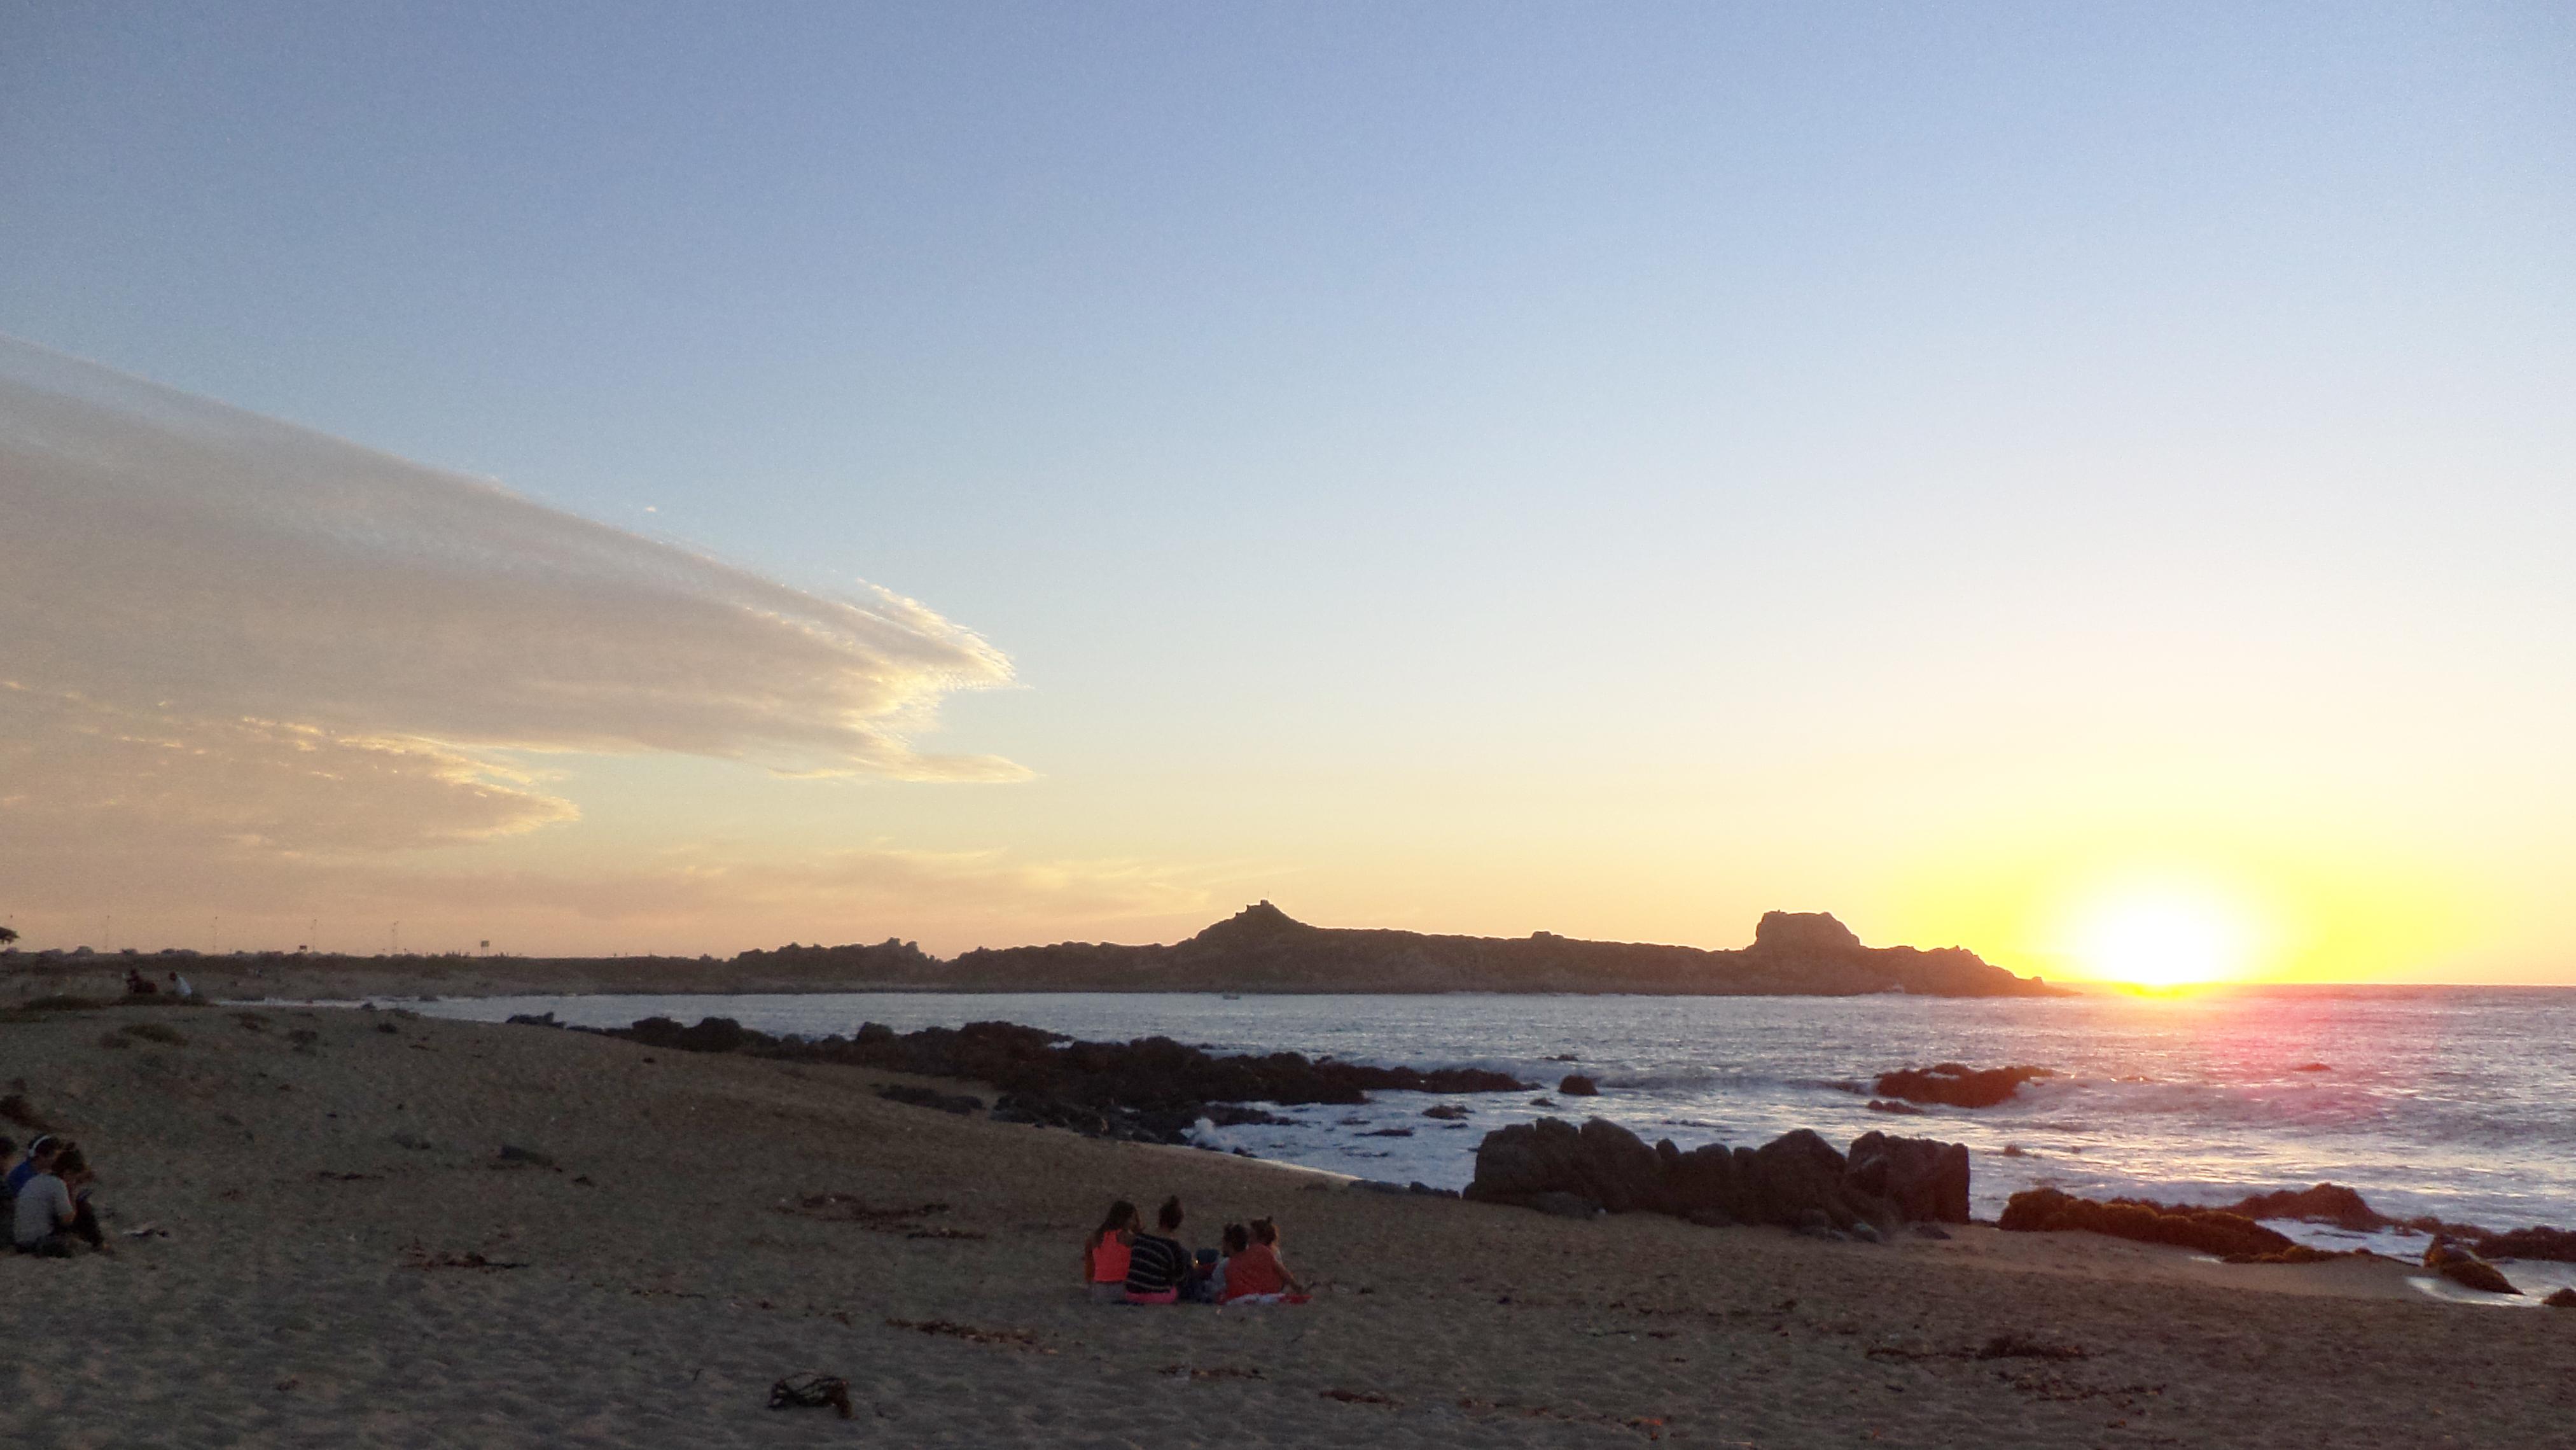 Punta de Tralca